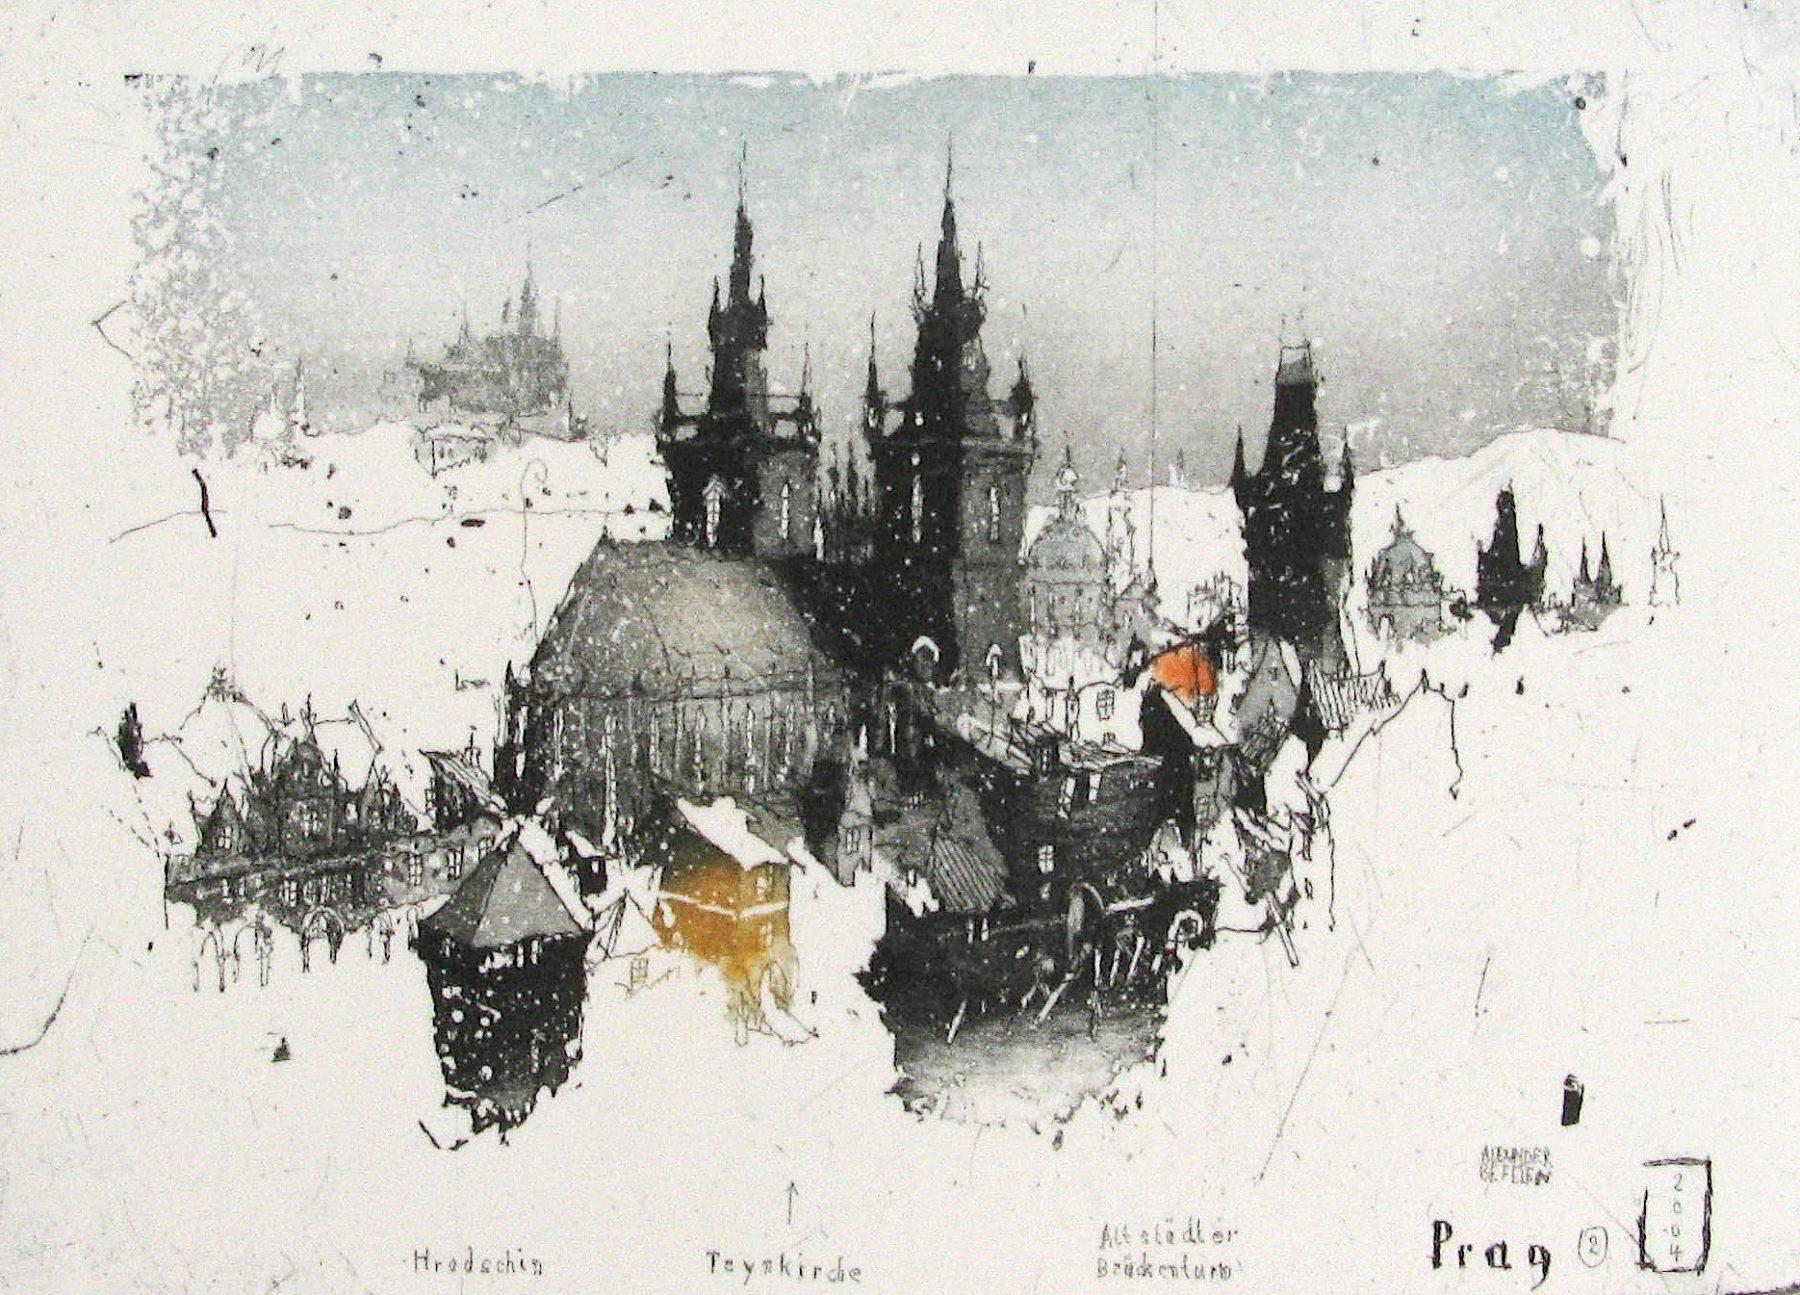 Prag - Befelein, Alexander - k-gk784